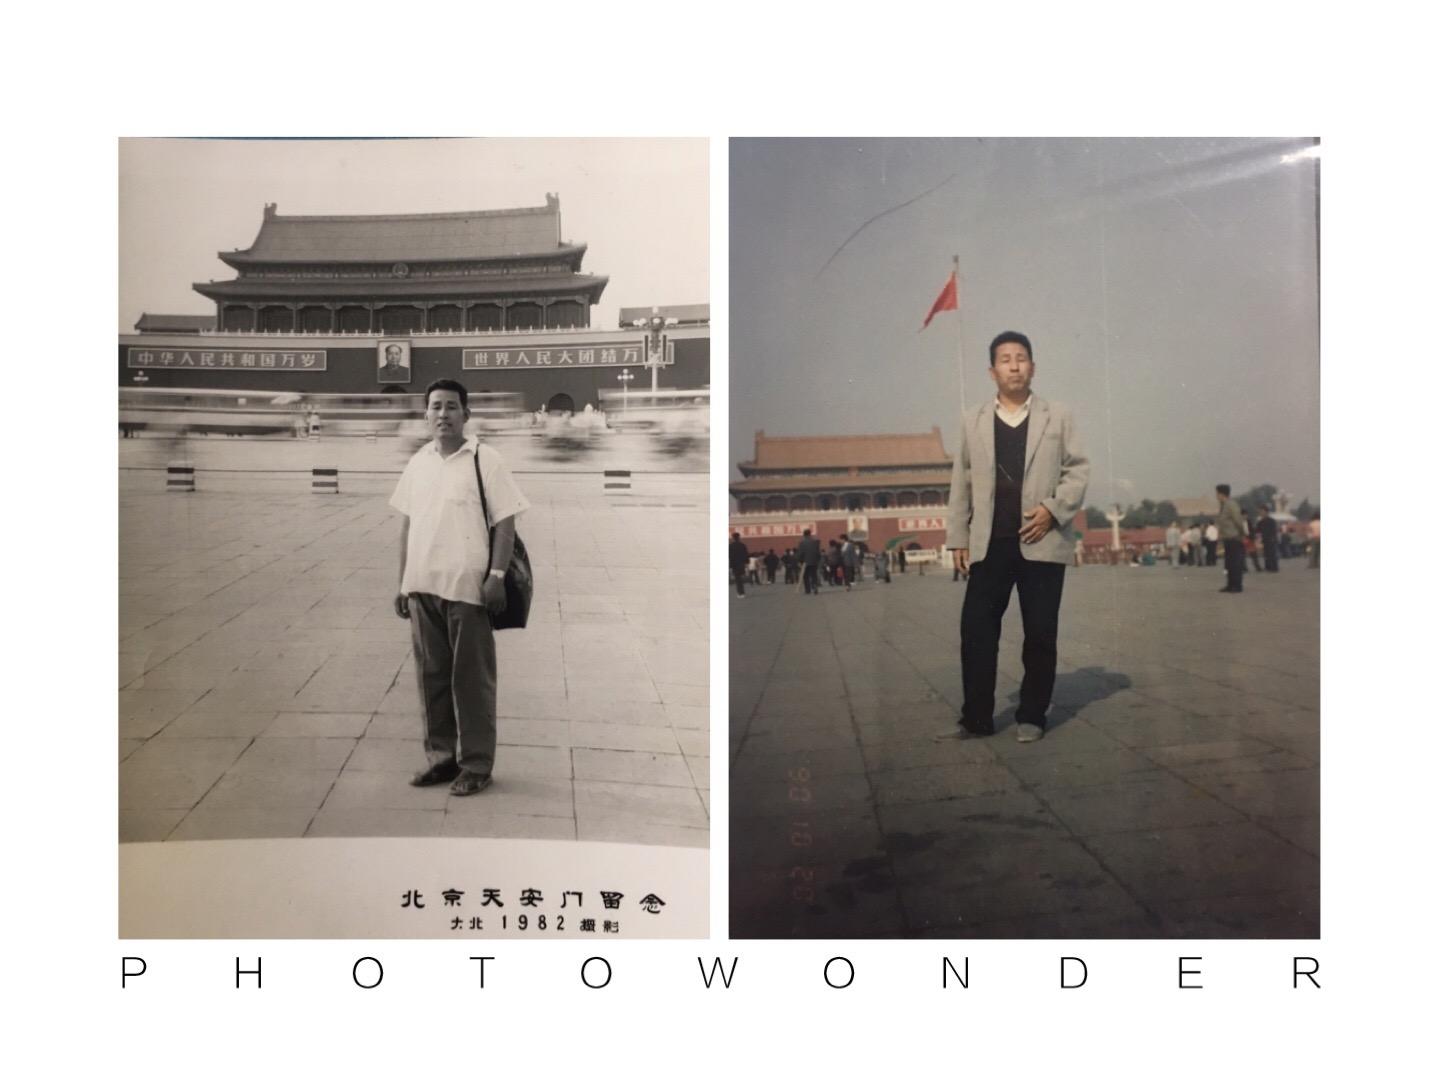 1982年和1990年10月20日